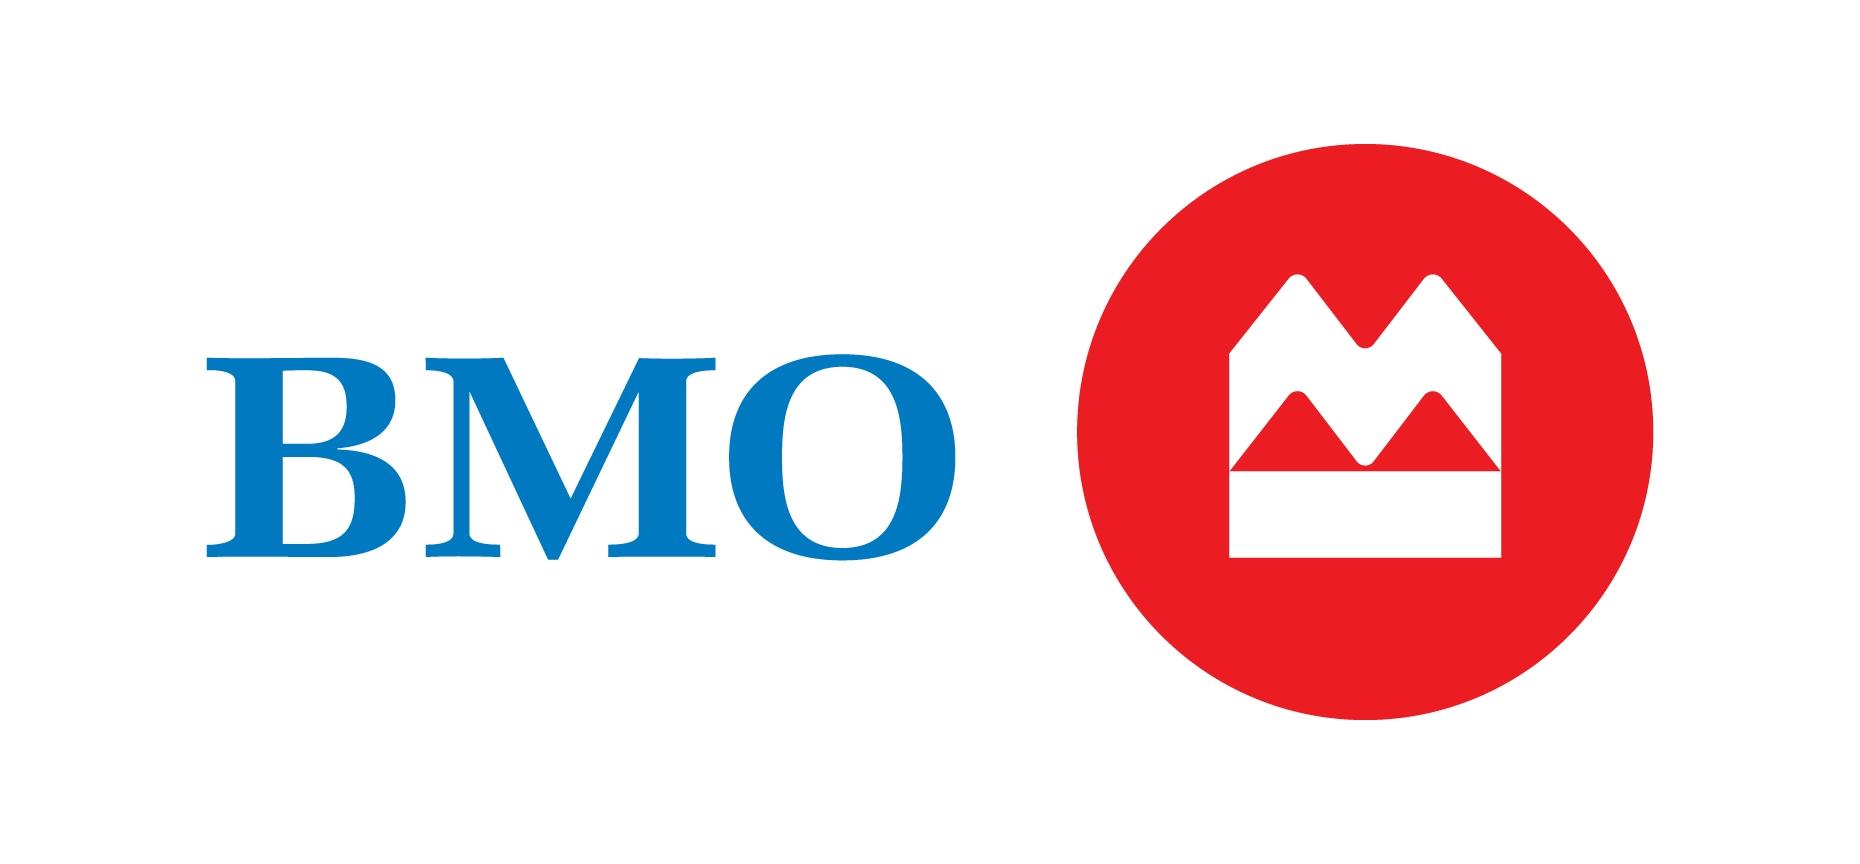 BMO_2 (2).JPG